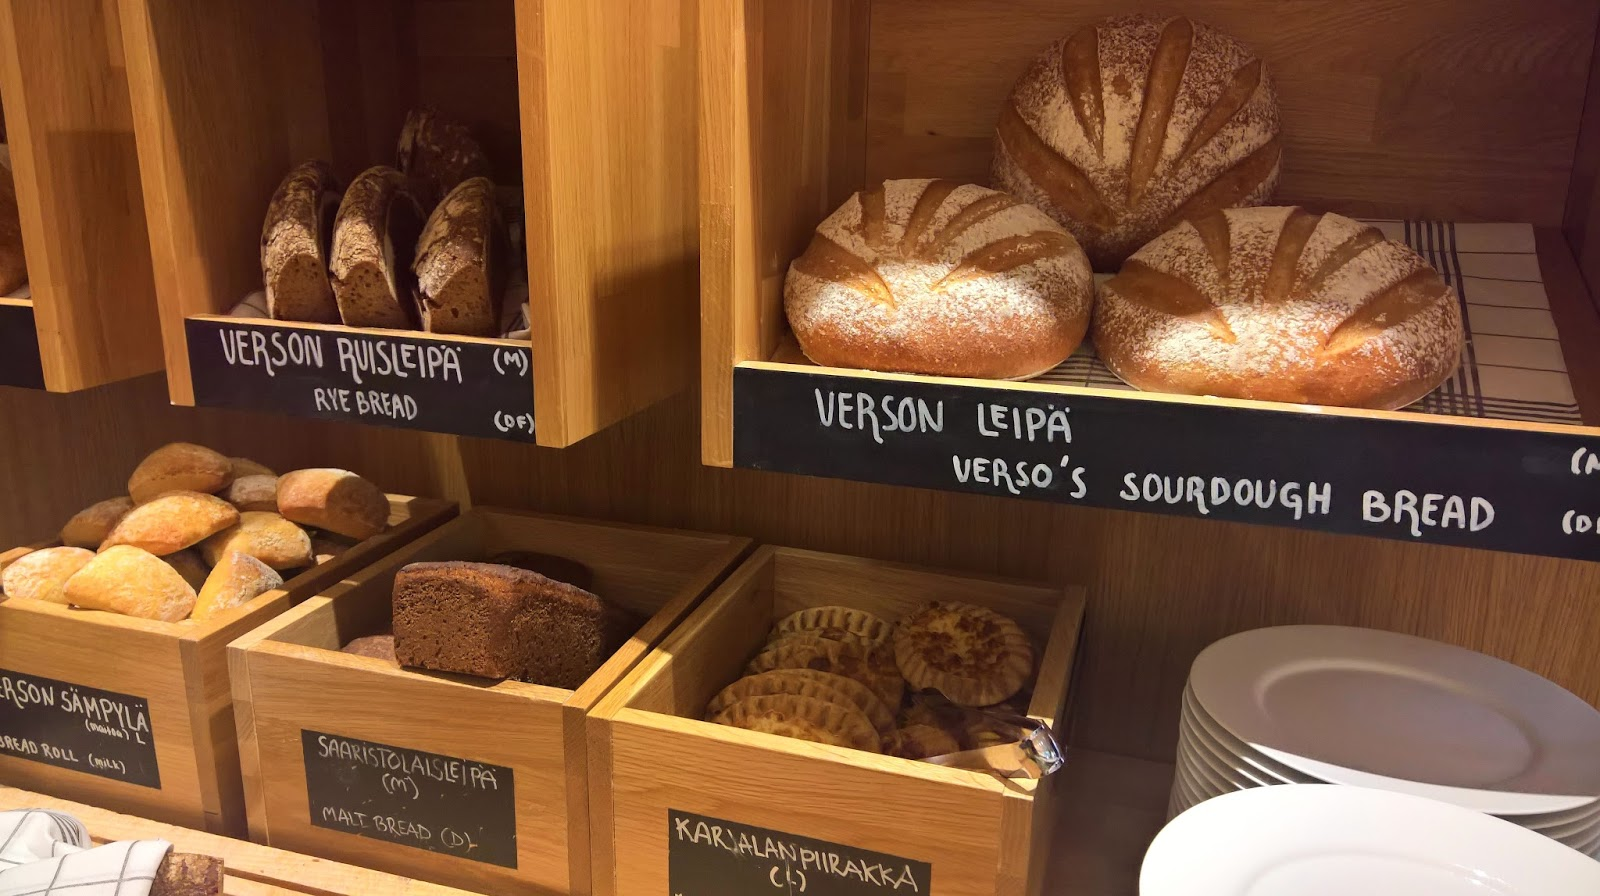 Hotelli Verso suomalainen aamiainen jyväskylä mallaspulla leipäpöytä